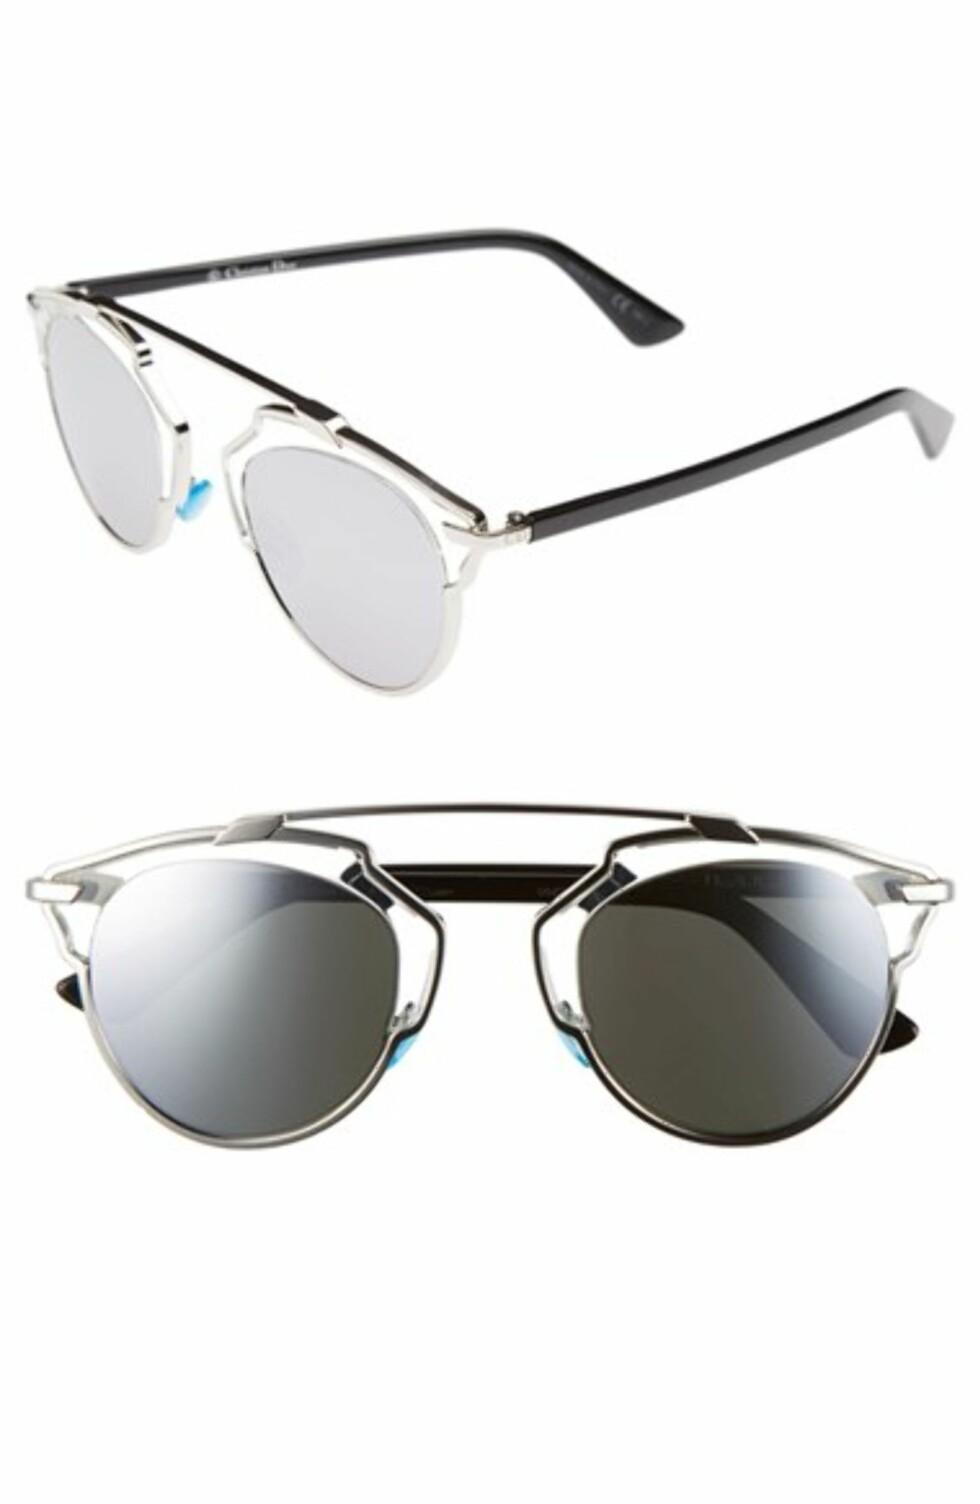 Solbriller fra Dior via Nordstrom.com, fra kr 4338. Foto: Nordstrom.com